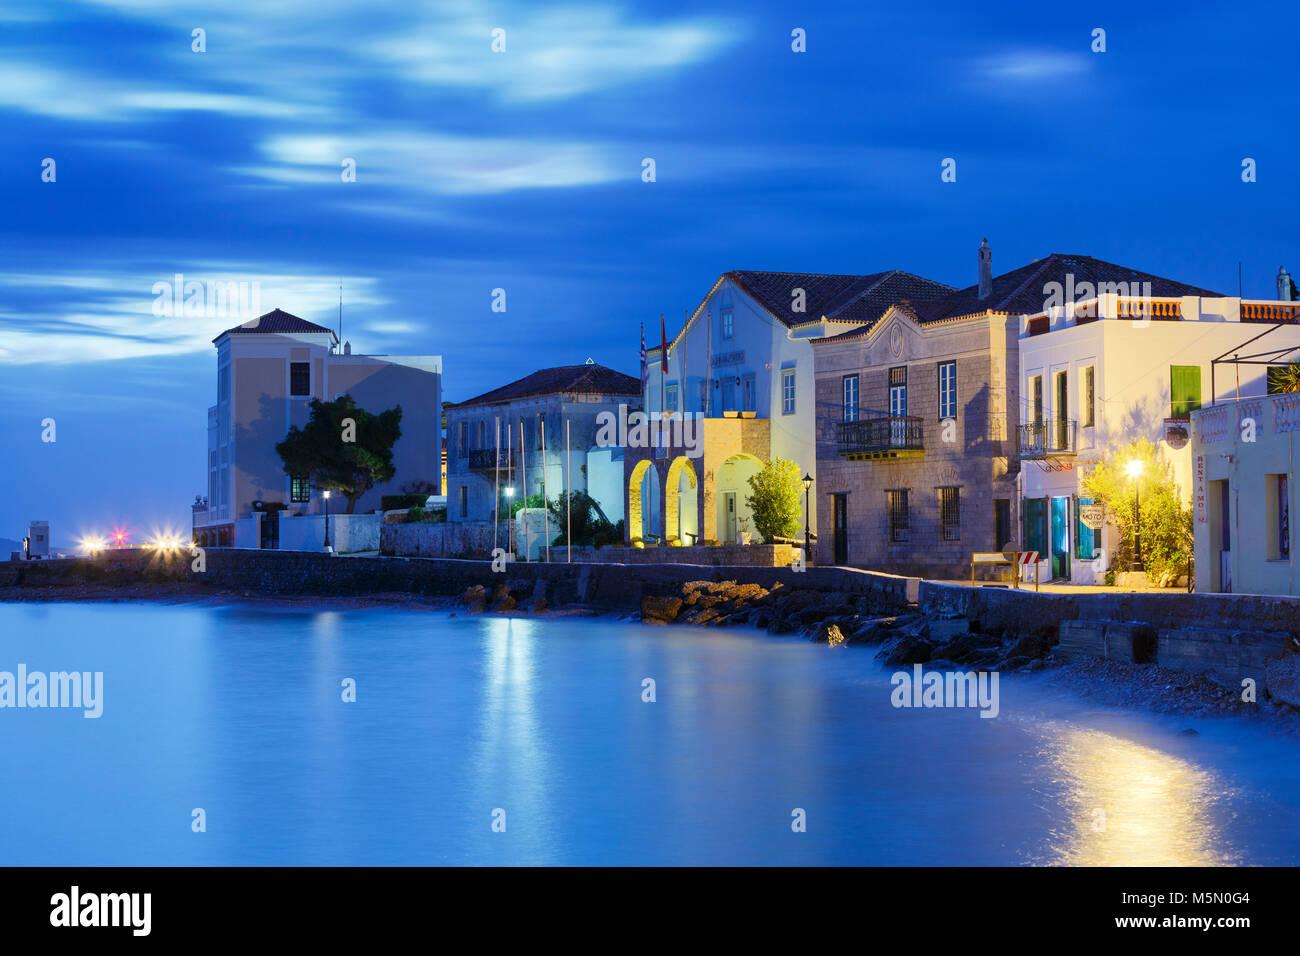 Por la mañana vista de Spetses villa y su paseo marítimo, Grecia. Imagen De Stock